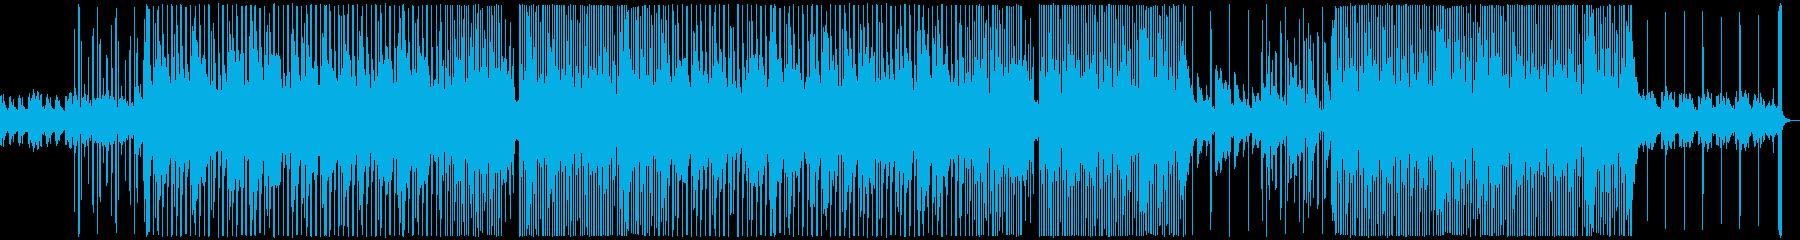 おしゃれで切ないR&Bの再生済みの波形